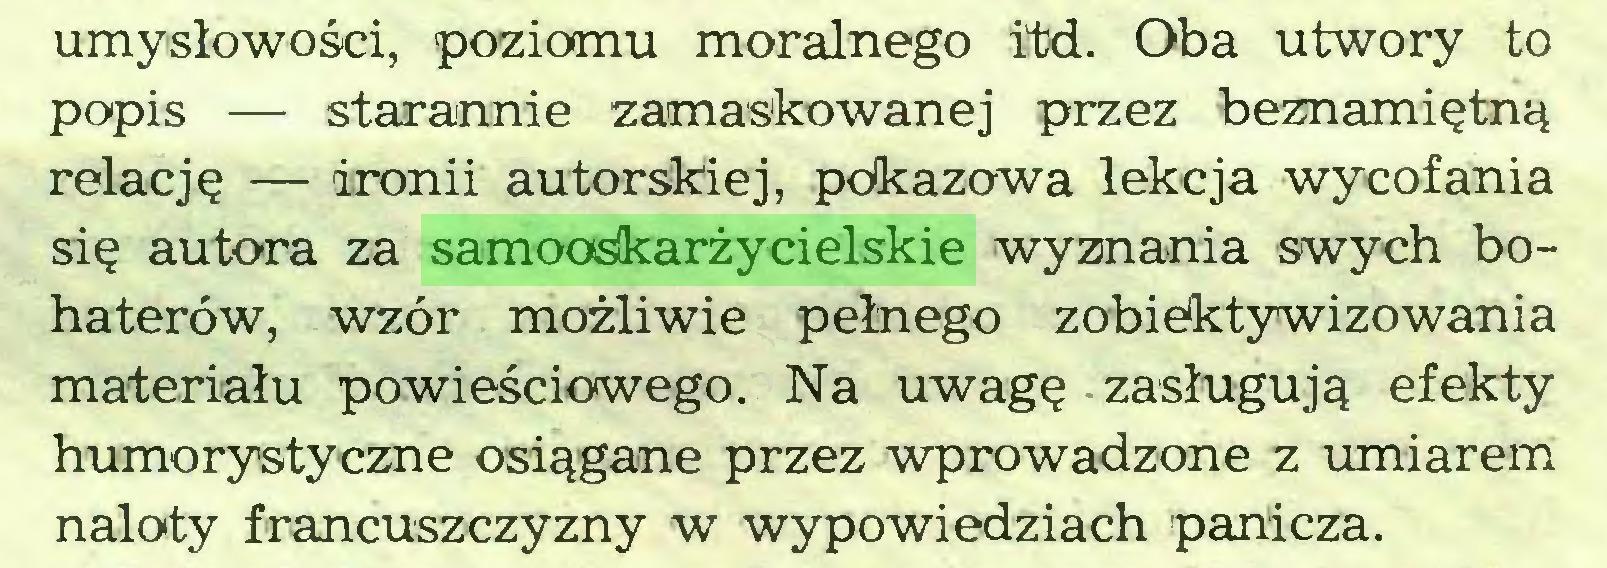 """(...) 77 Rozmaicie wyjaśniano nagły wyjazd Dawisona z Warszawy. We wspomnieniu pośmiertnym w """"Kurierze Warszawskim"""" posuwano się do samooskarżycielskiego sformułowania: """"Wypędzony prawie przez intrygi najserdeczniejszych kolegów, Dawison wyjechał do teatru w Wilnie"""" (KW 1872 nr 26). Wł. Krogulski ujmuje rzecz nieco inaczej, od strony samego Dawisona, pisze o jego """"porywczości, zniechęcającej otaczających"""", o """"obrażaniu na siebie zwierzchności i kolegów w Warszawie"""". Wskazywano też na trudności finansowe i bezradność Dawi..."""